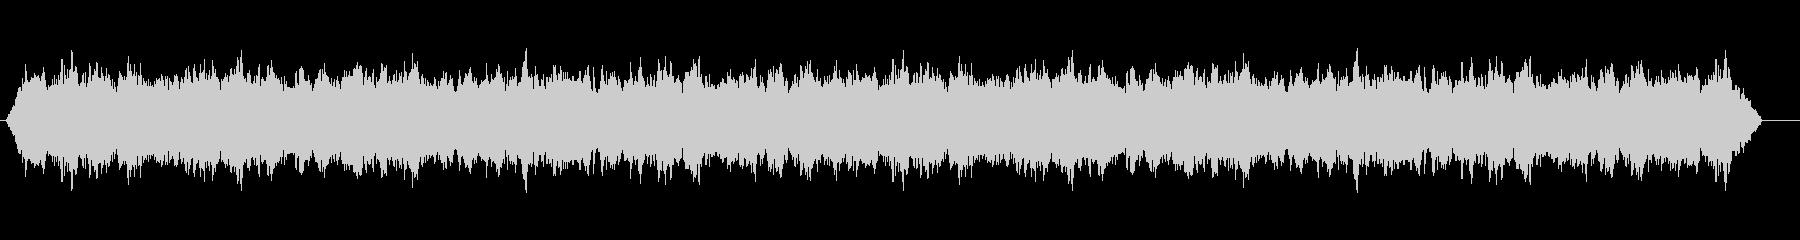 タービンモーターExt_飛行中、定数1の未再生の波形